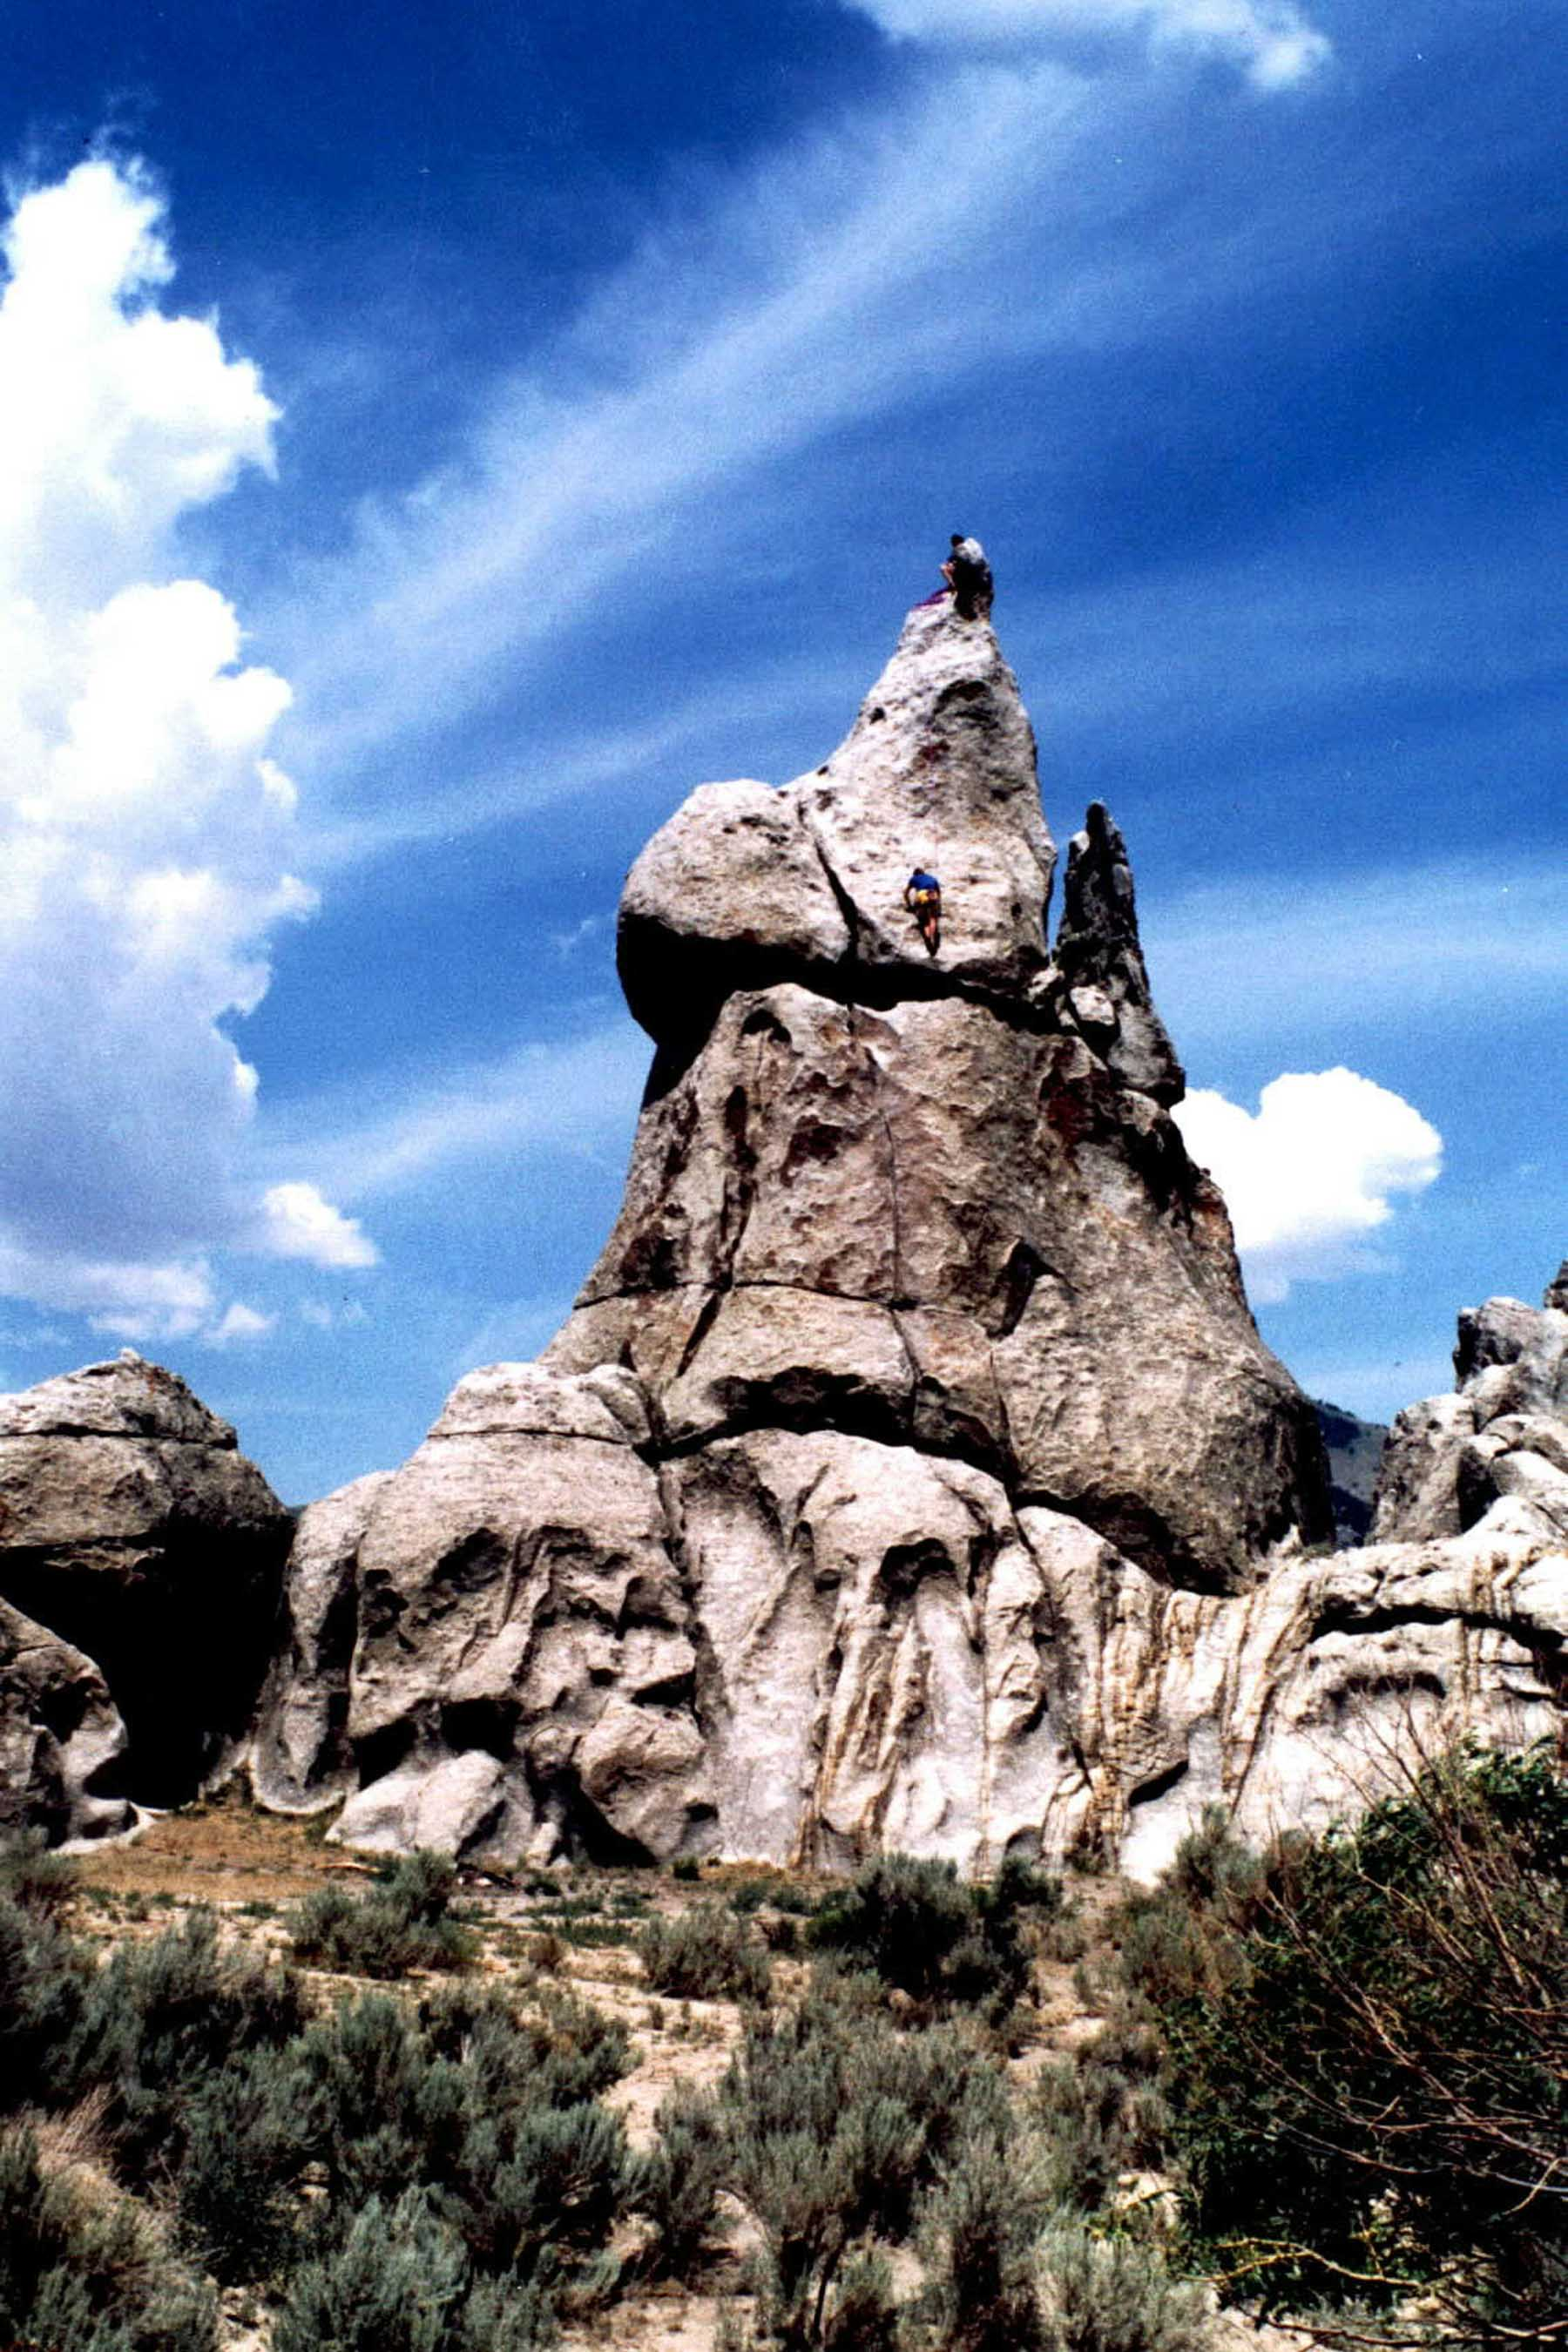 City of Rocks Climbing History by Tony Calderone